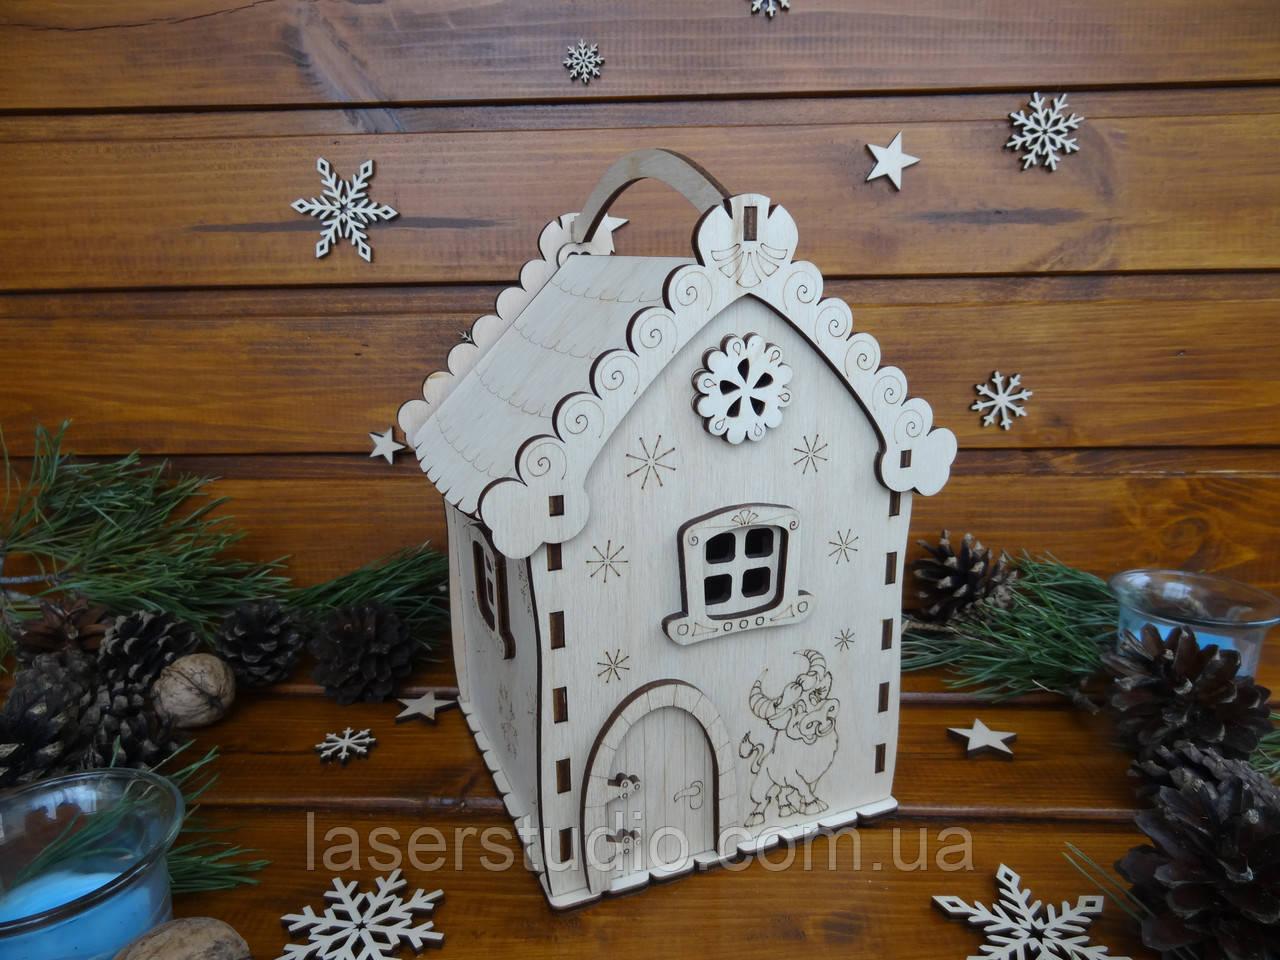 Новогодний подарочный домик для конфет из дерева   Новогодний декор